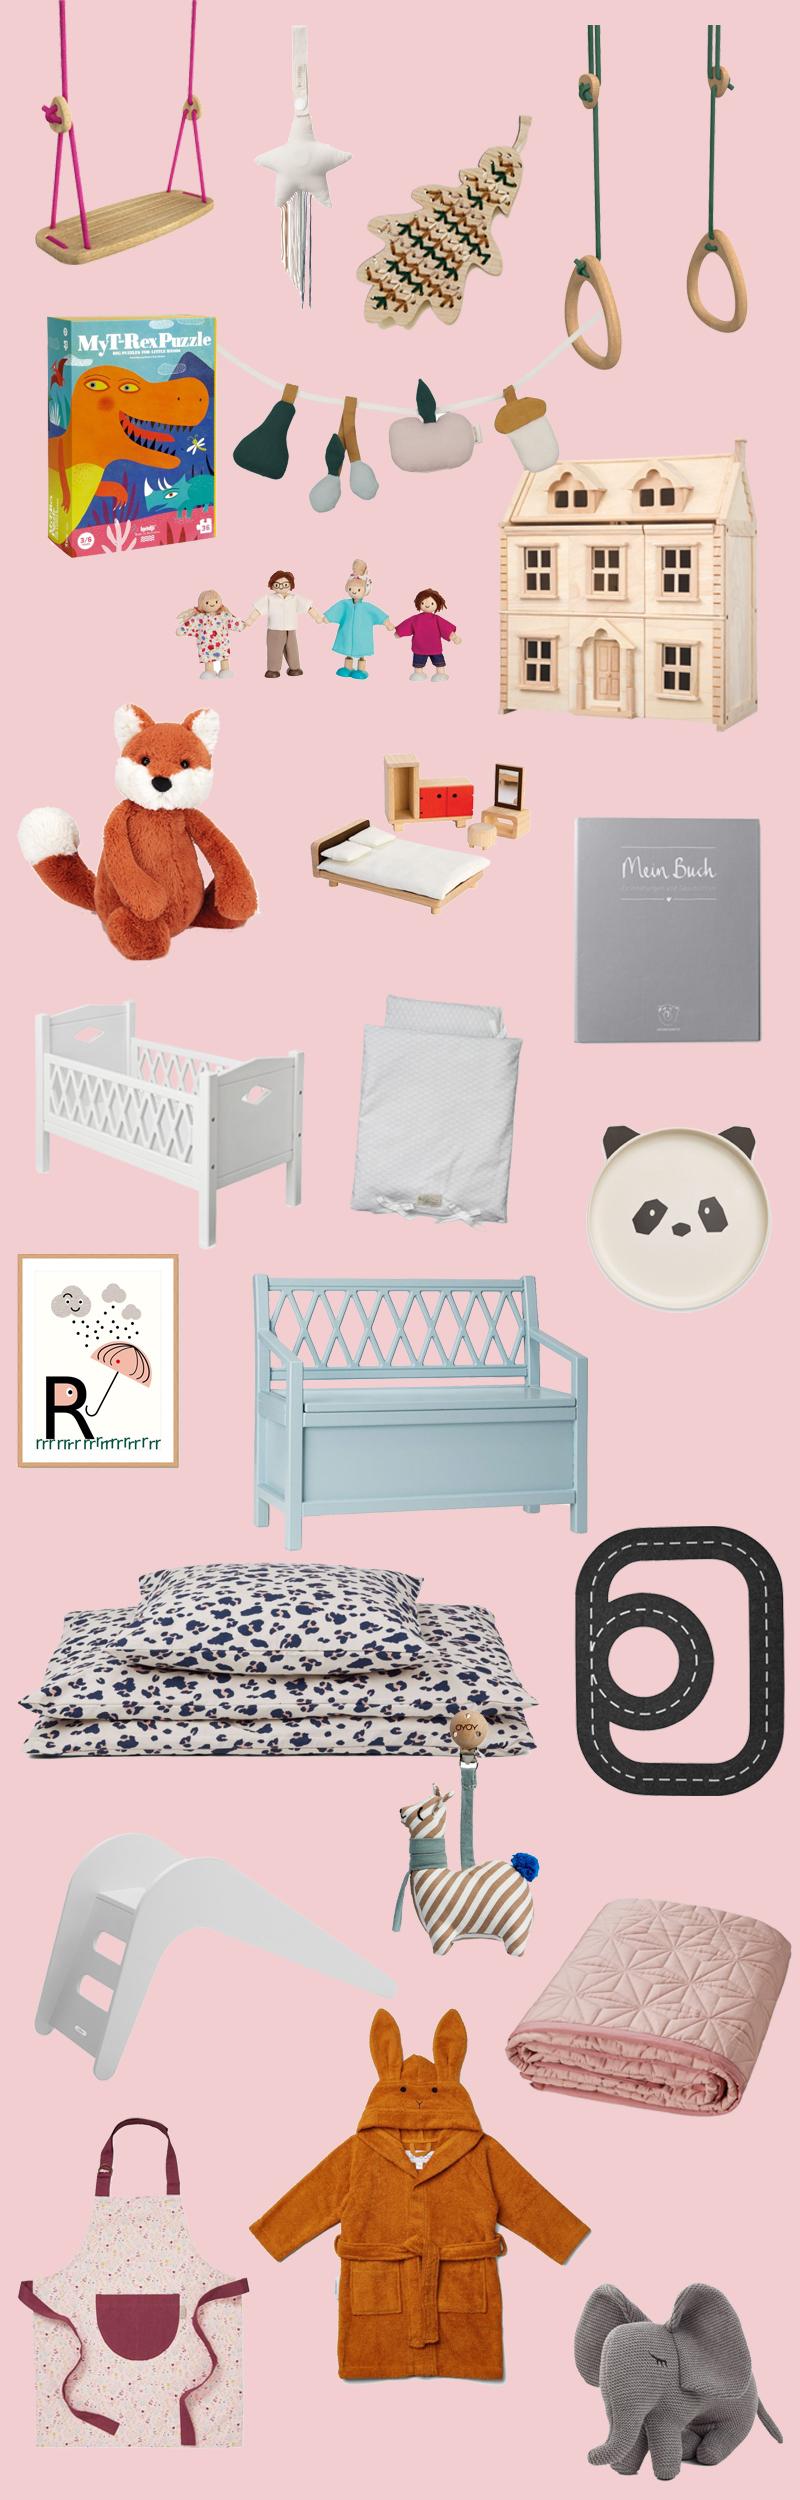 24 geschenk ideen f r kinder von kleines karussell pinkepank. Black Bedroom Furniture Sets. Home Design Ideas